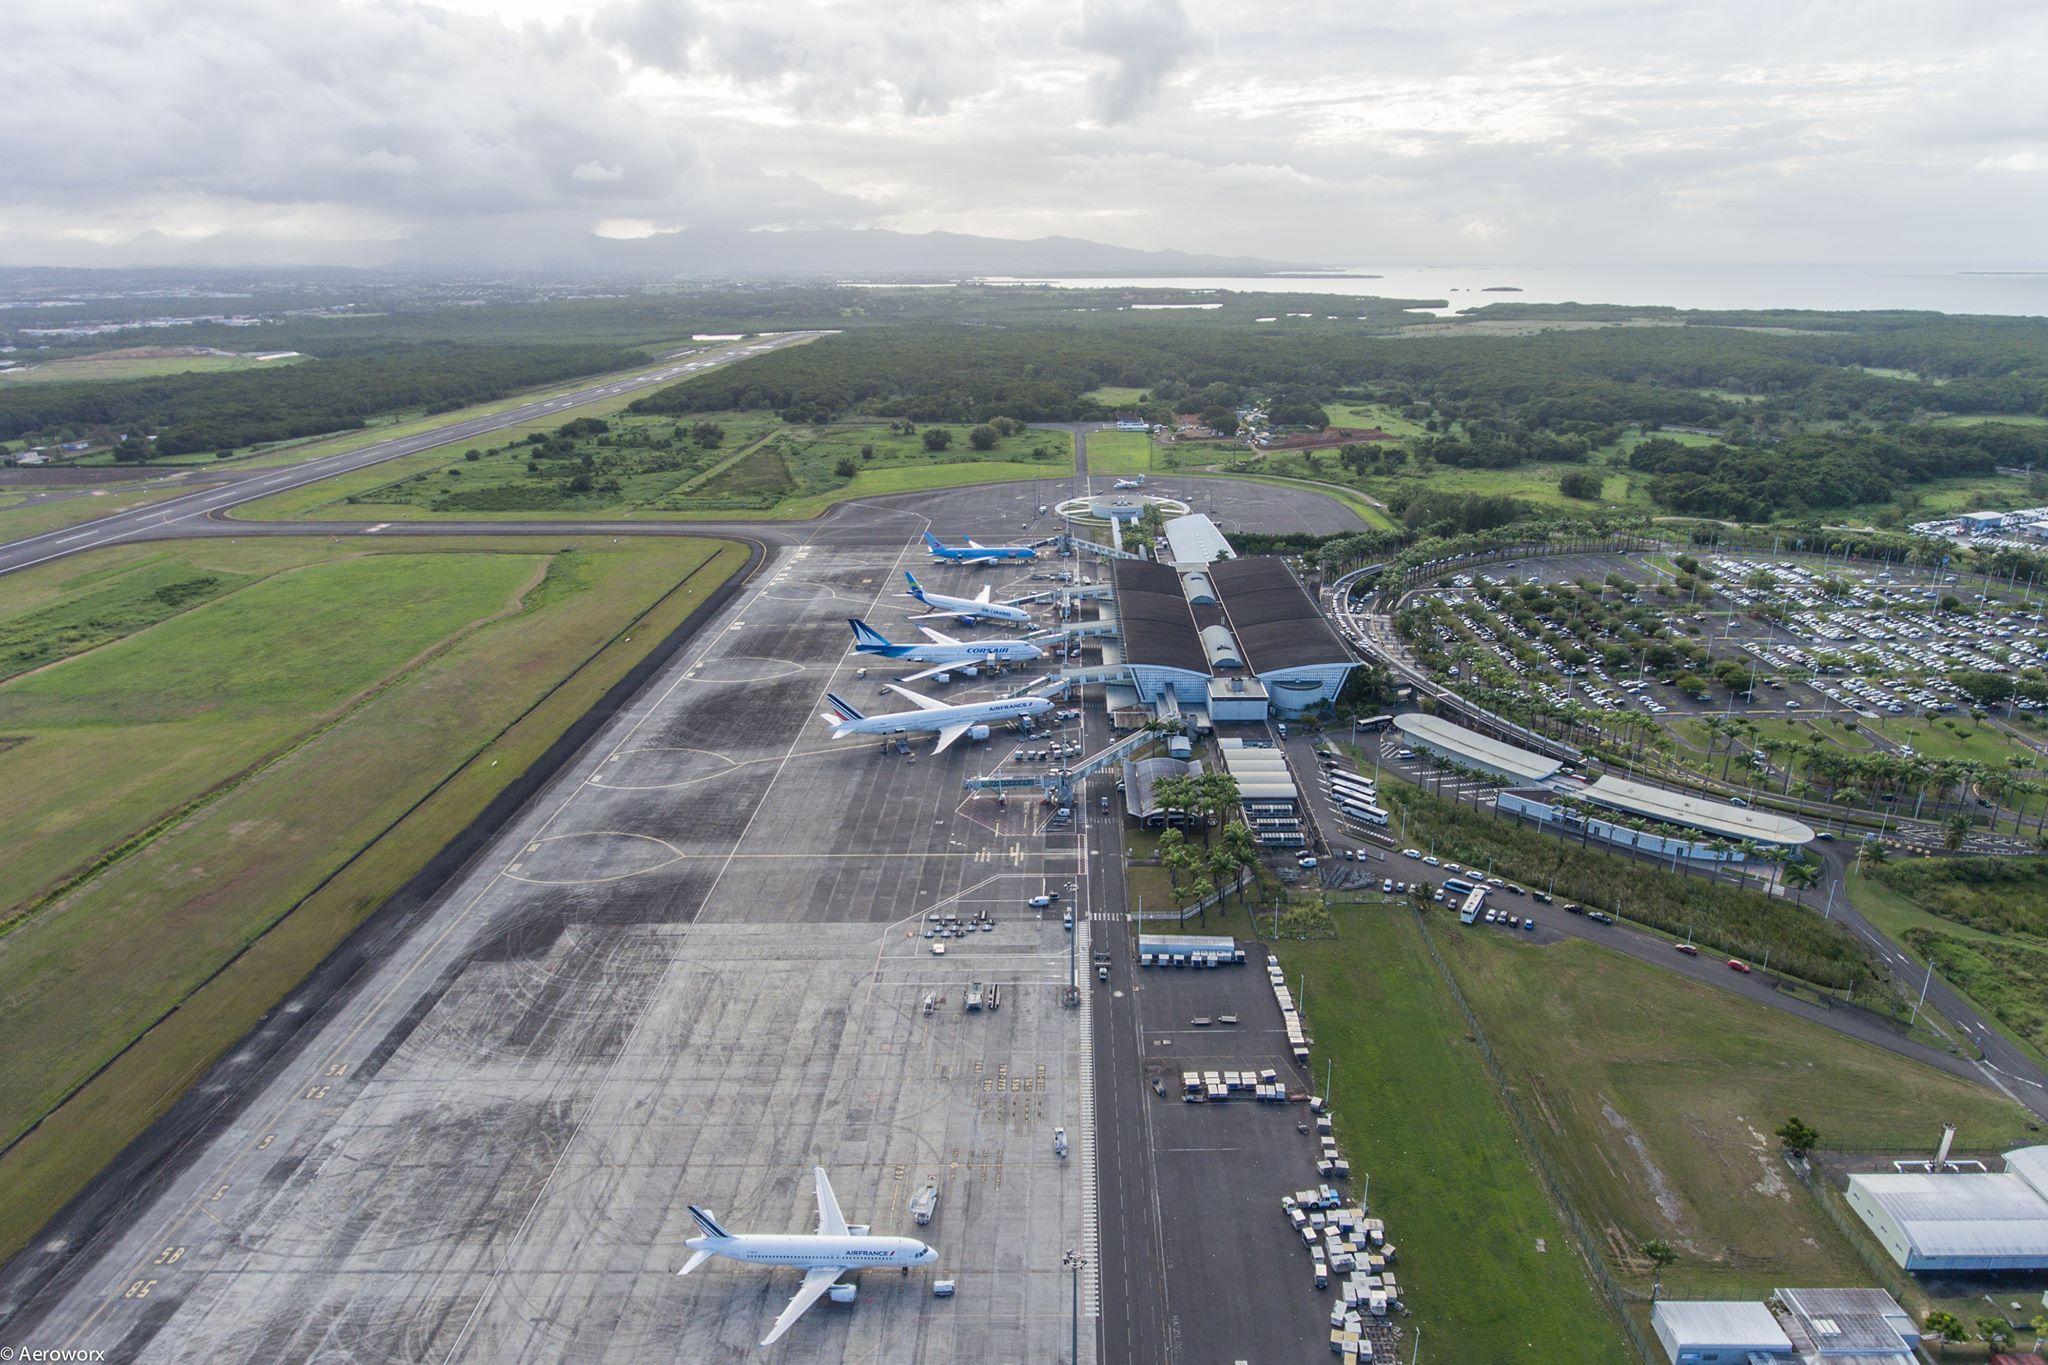 Guadeloupe : La Banque Européenne d'investissement engage 90 millions d'euros de financement pour l'aéroport et les PME